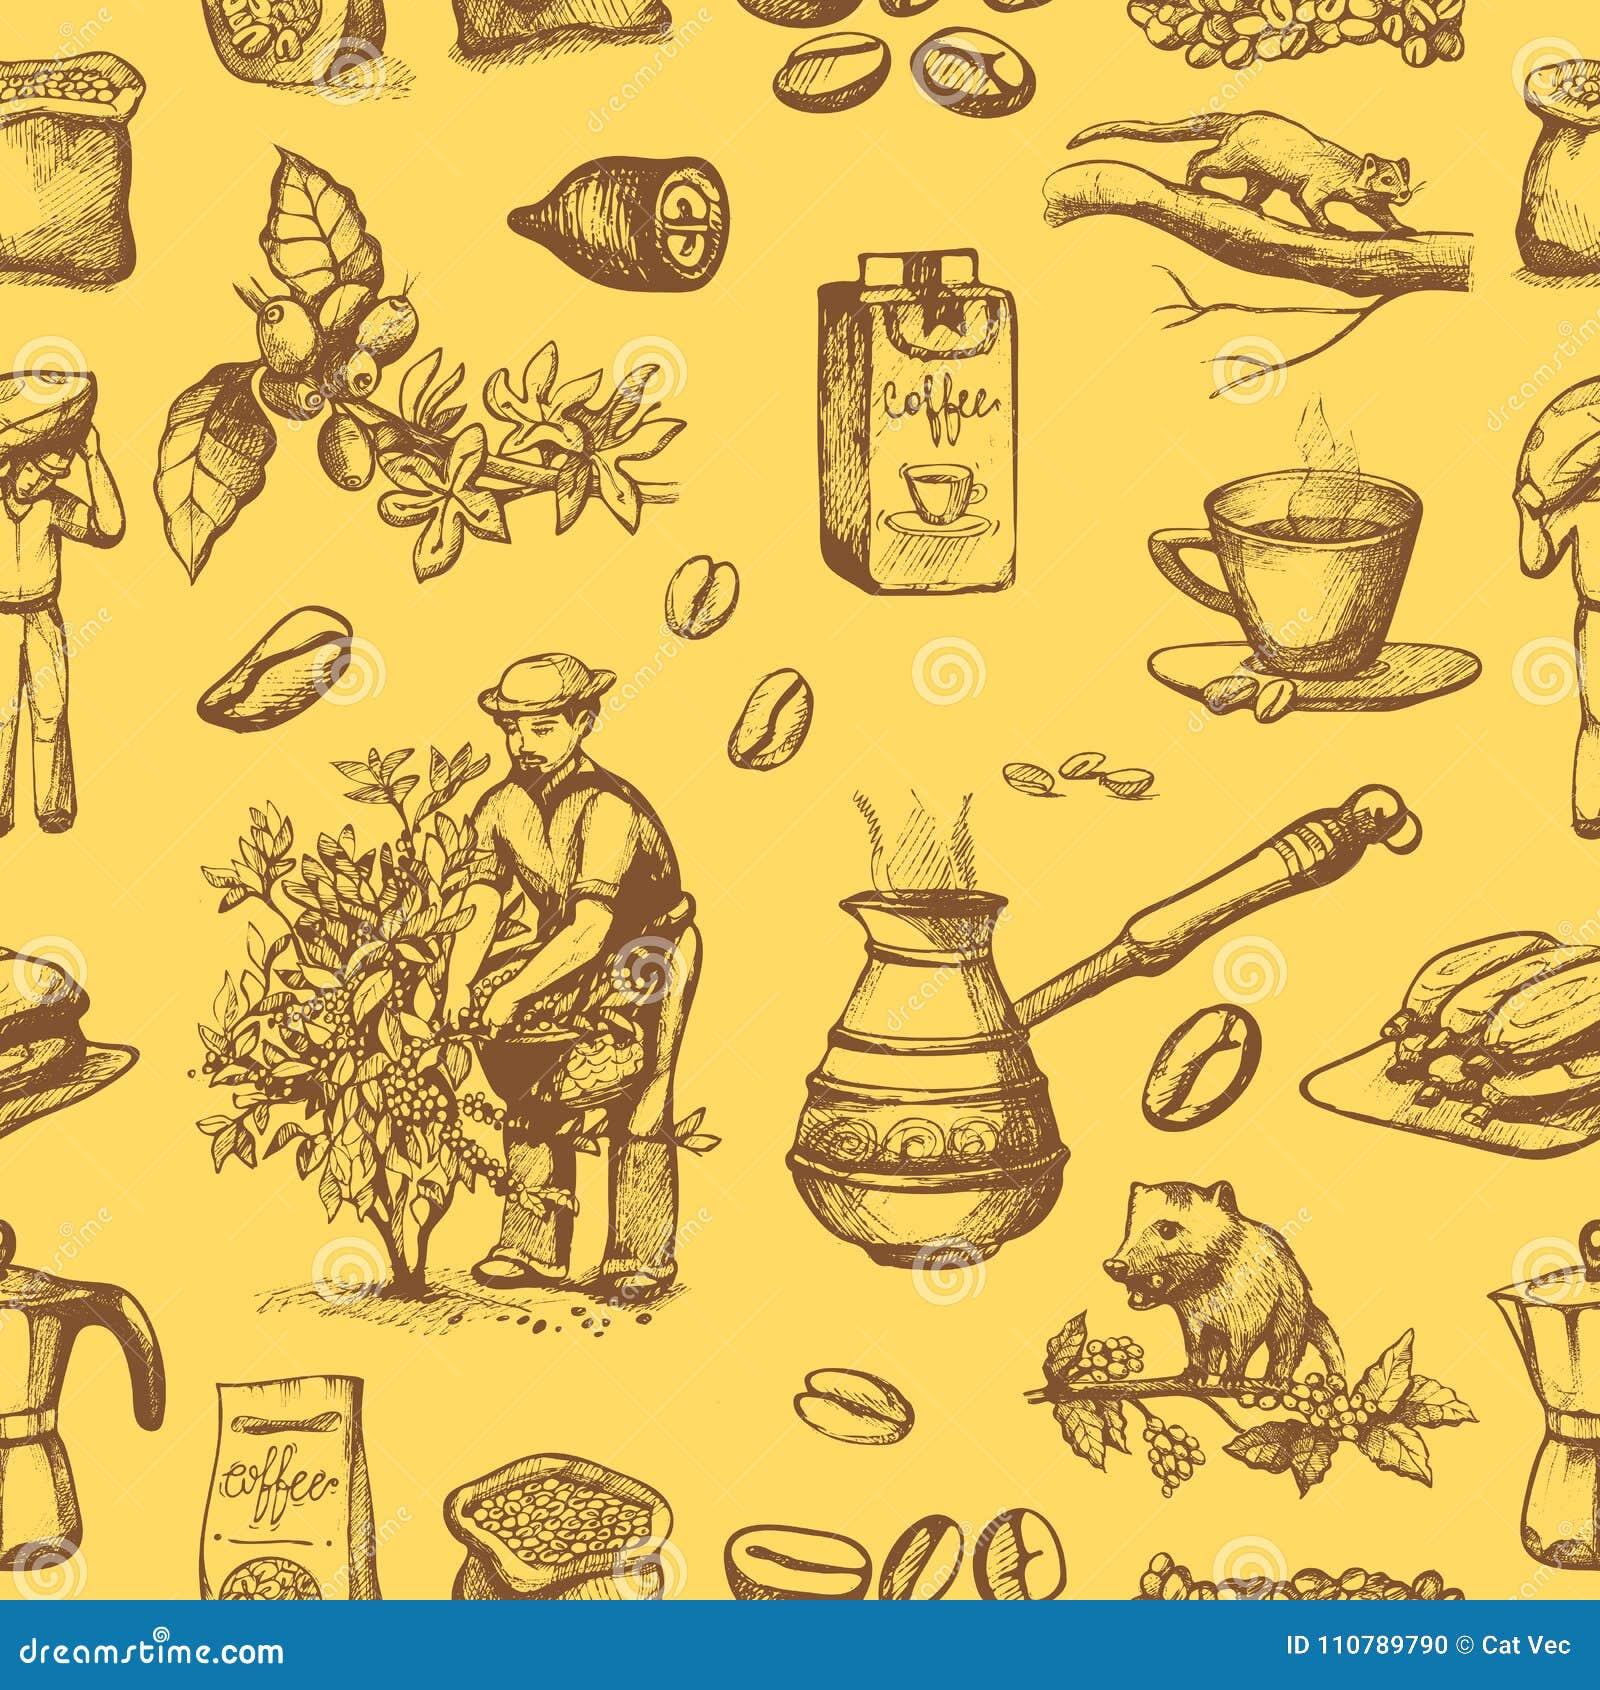 Las habas del coffeine de la cosecha del granjero de la plantación del vector de la producción del café en el dibujo del árbol y